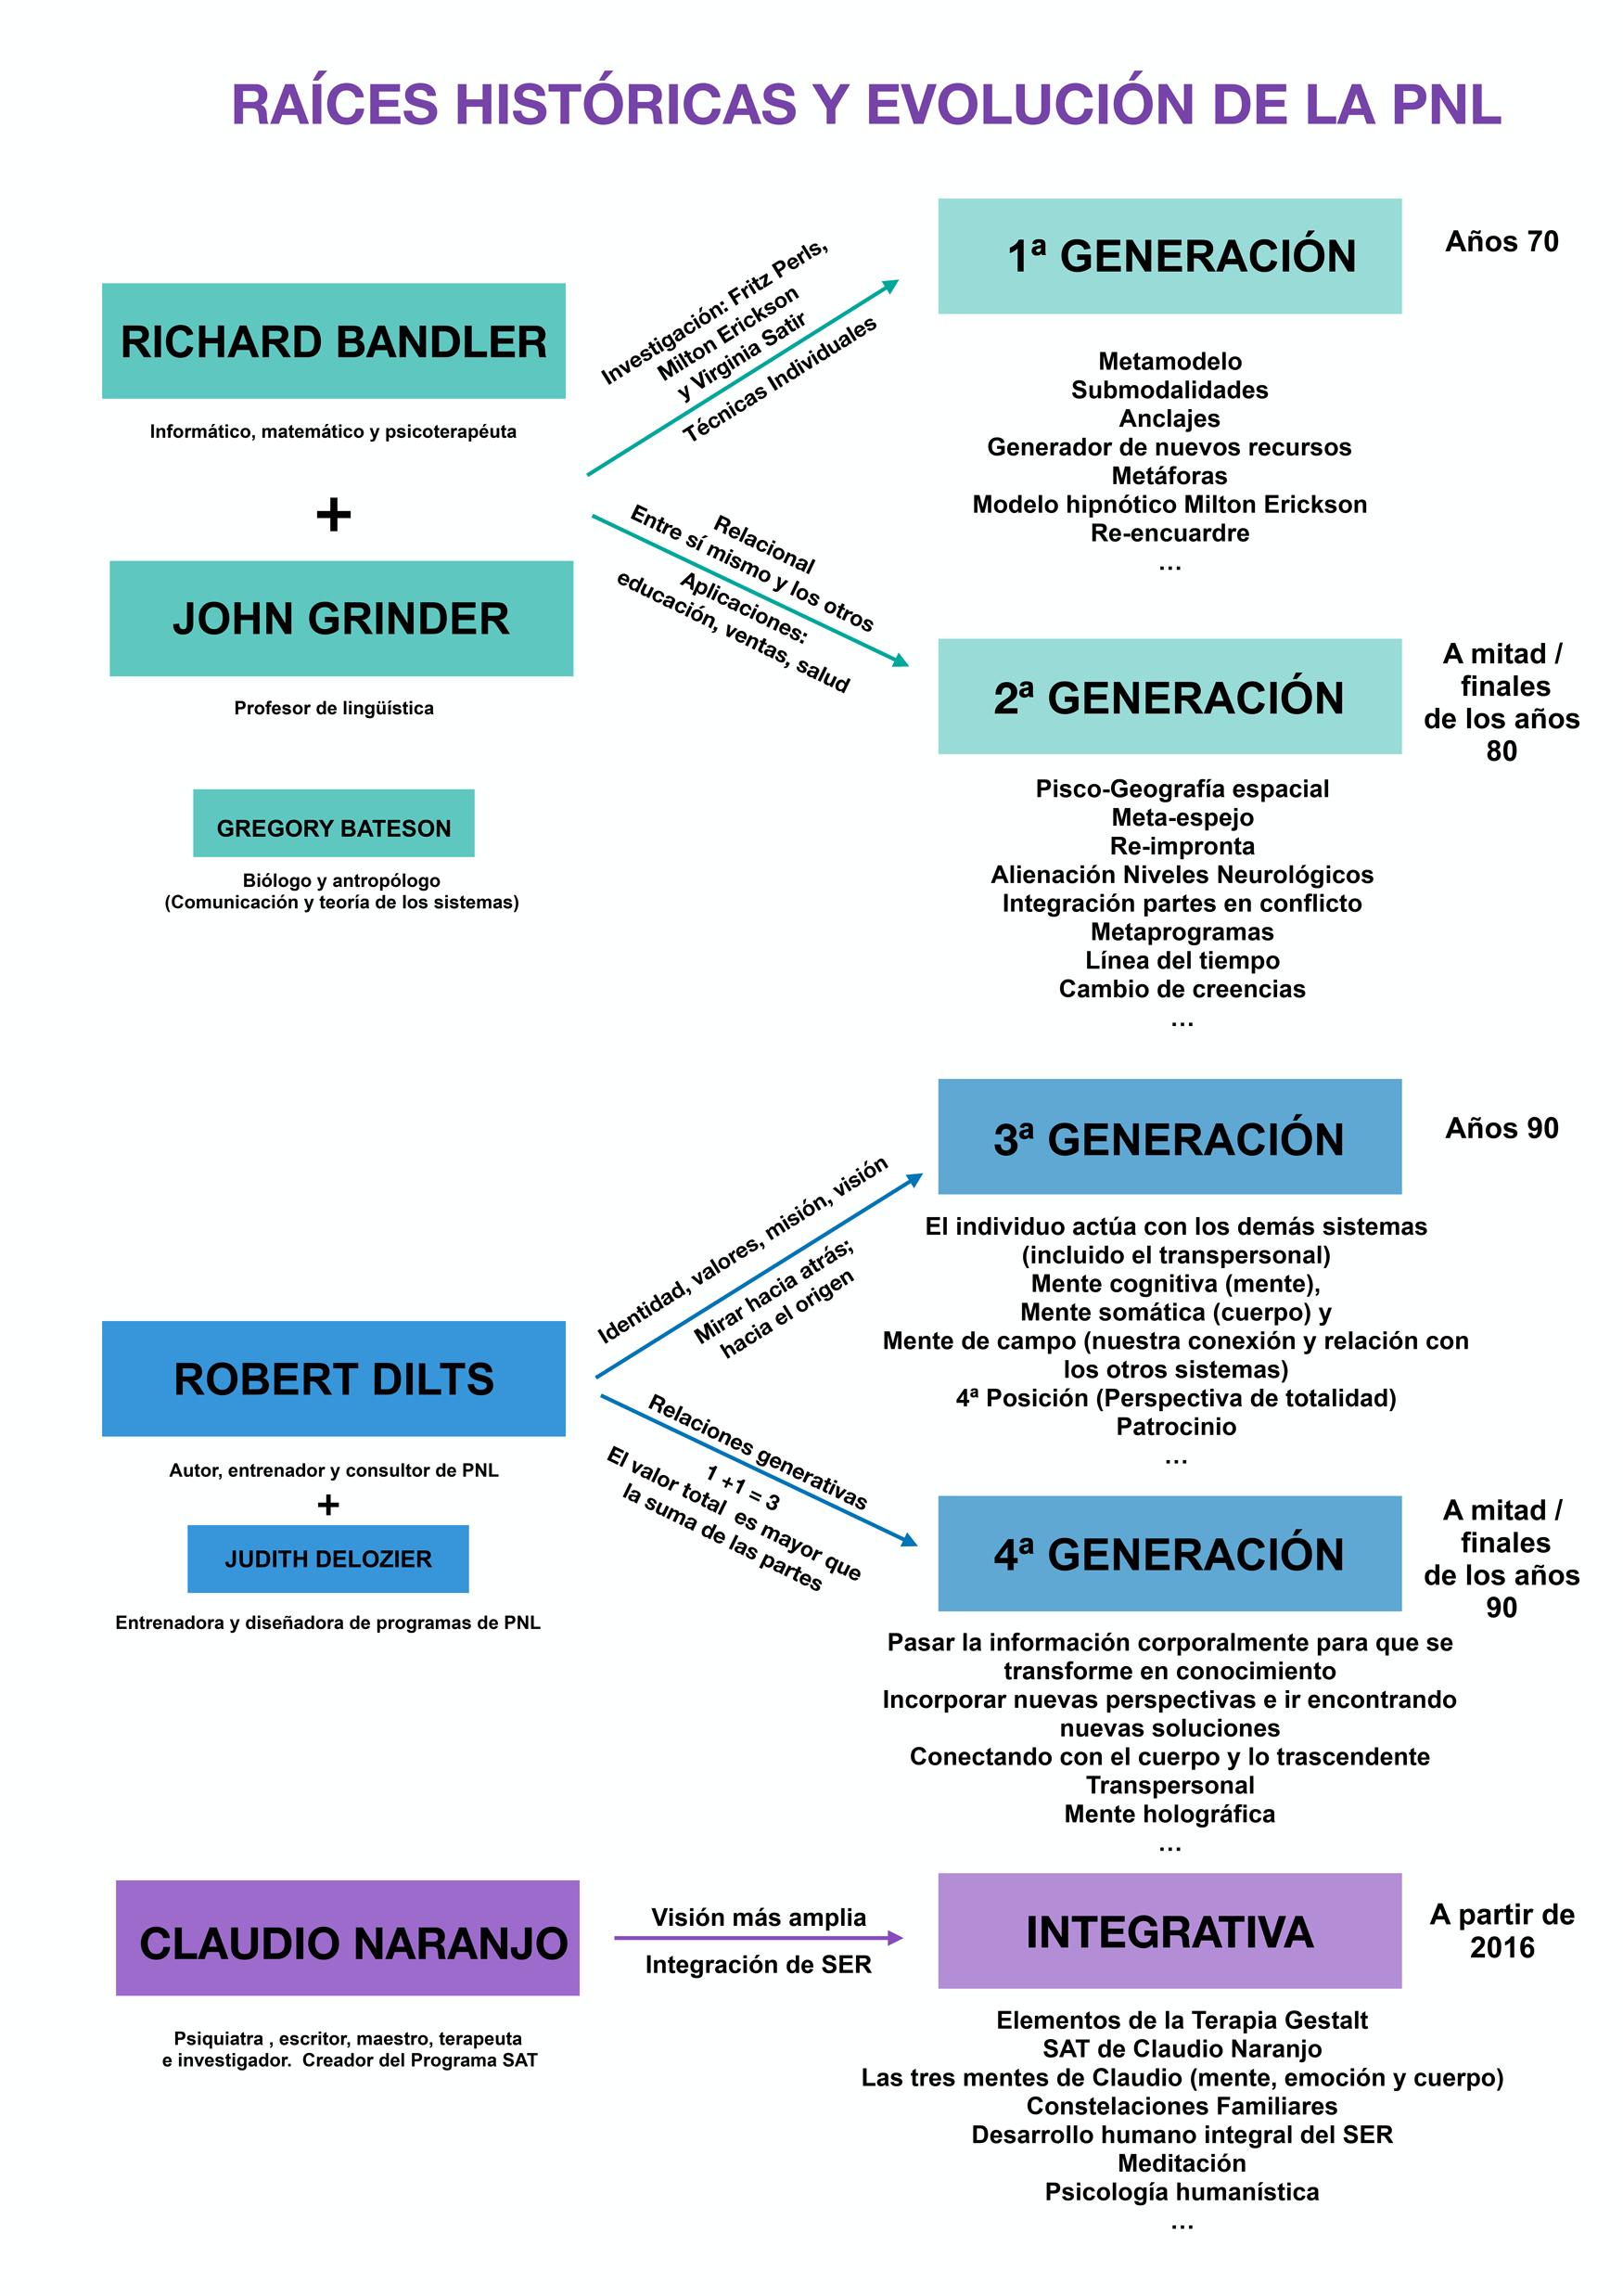 PDF_PNL1_ESQUEMA